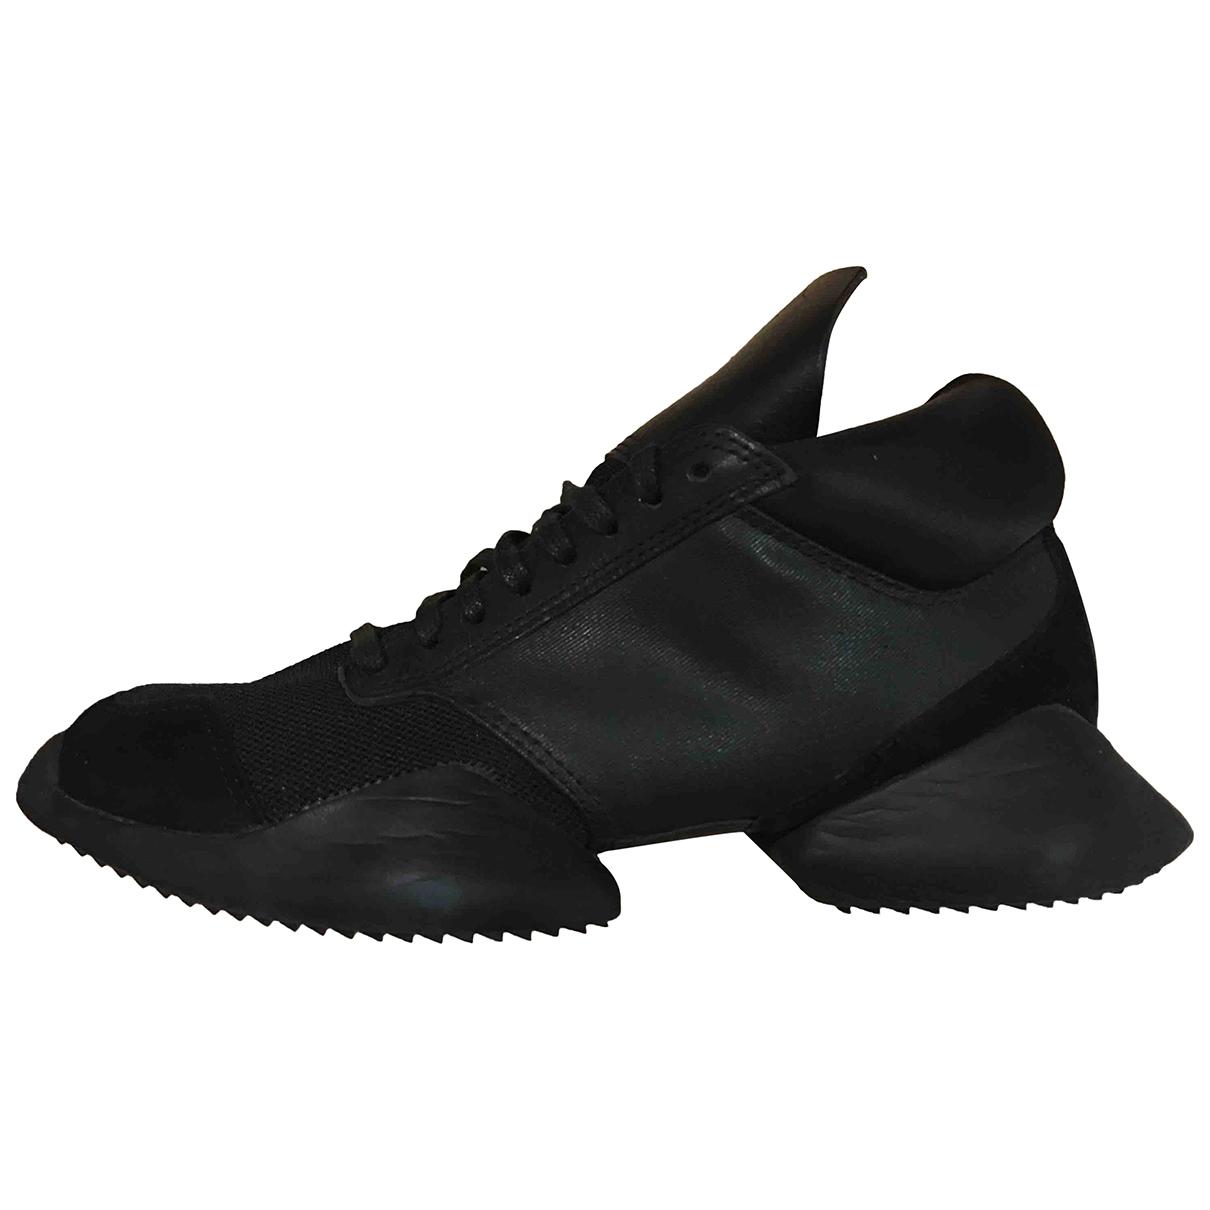 Adidas & Rick Owens - Baskets   pour homme - noir